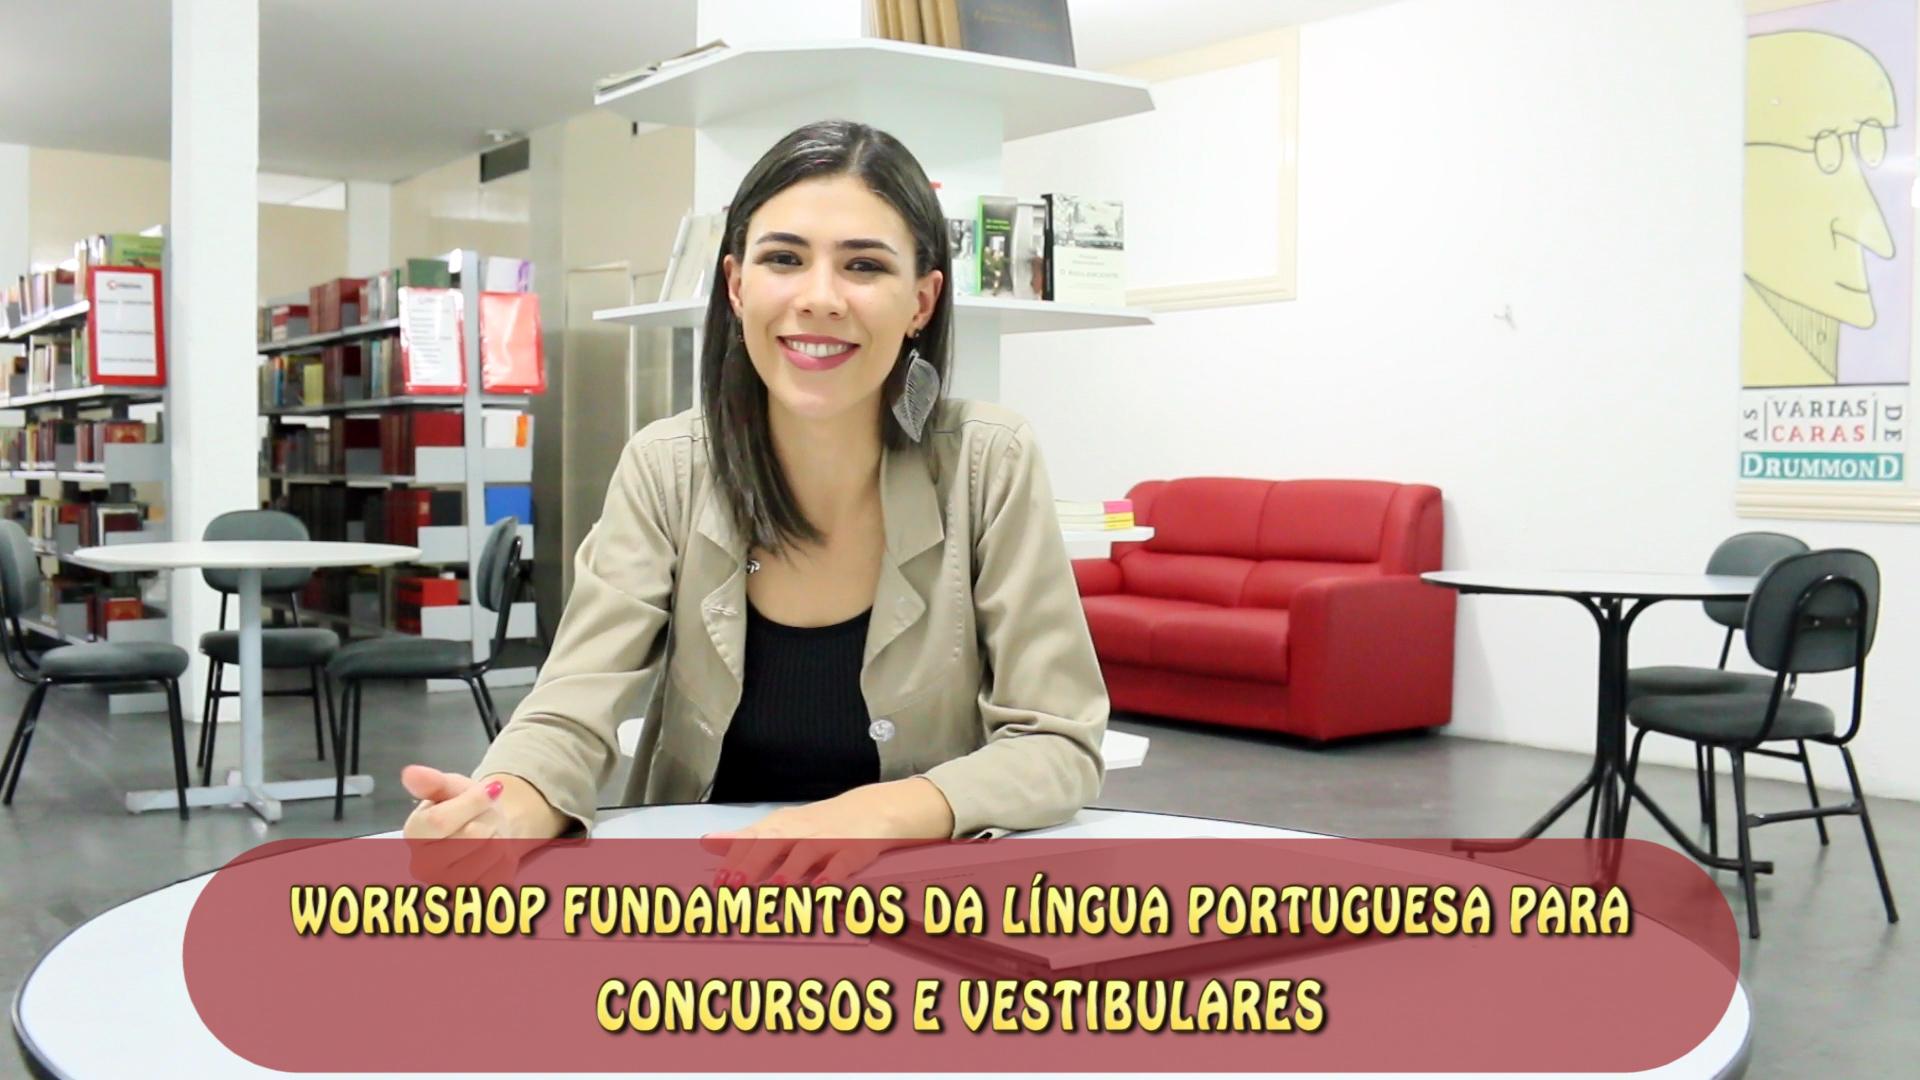 paula-work-cta